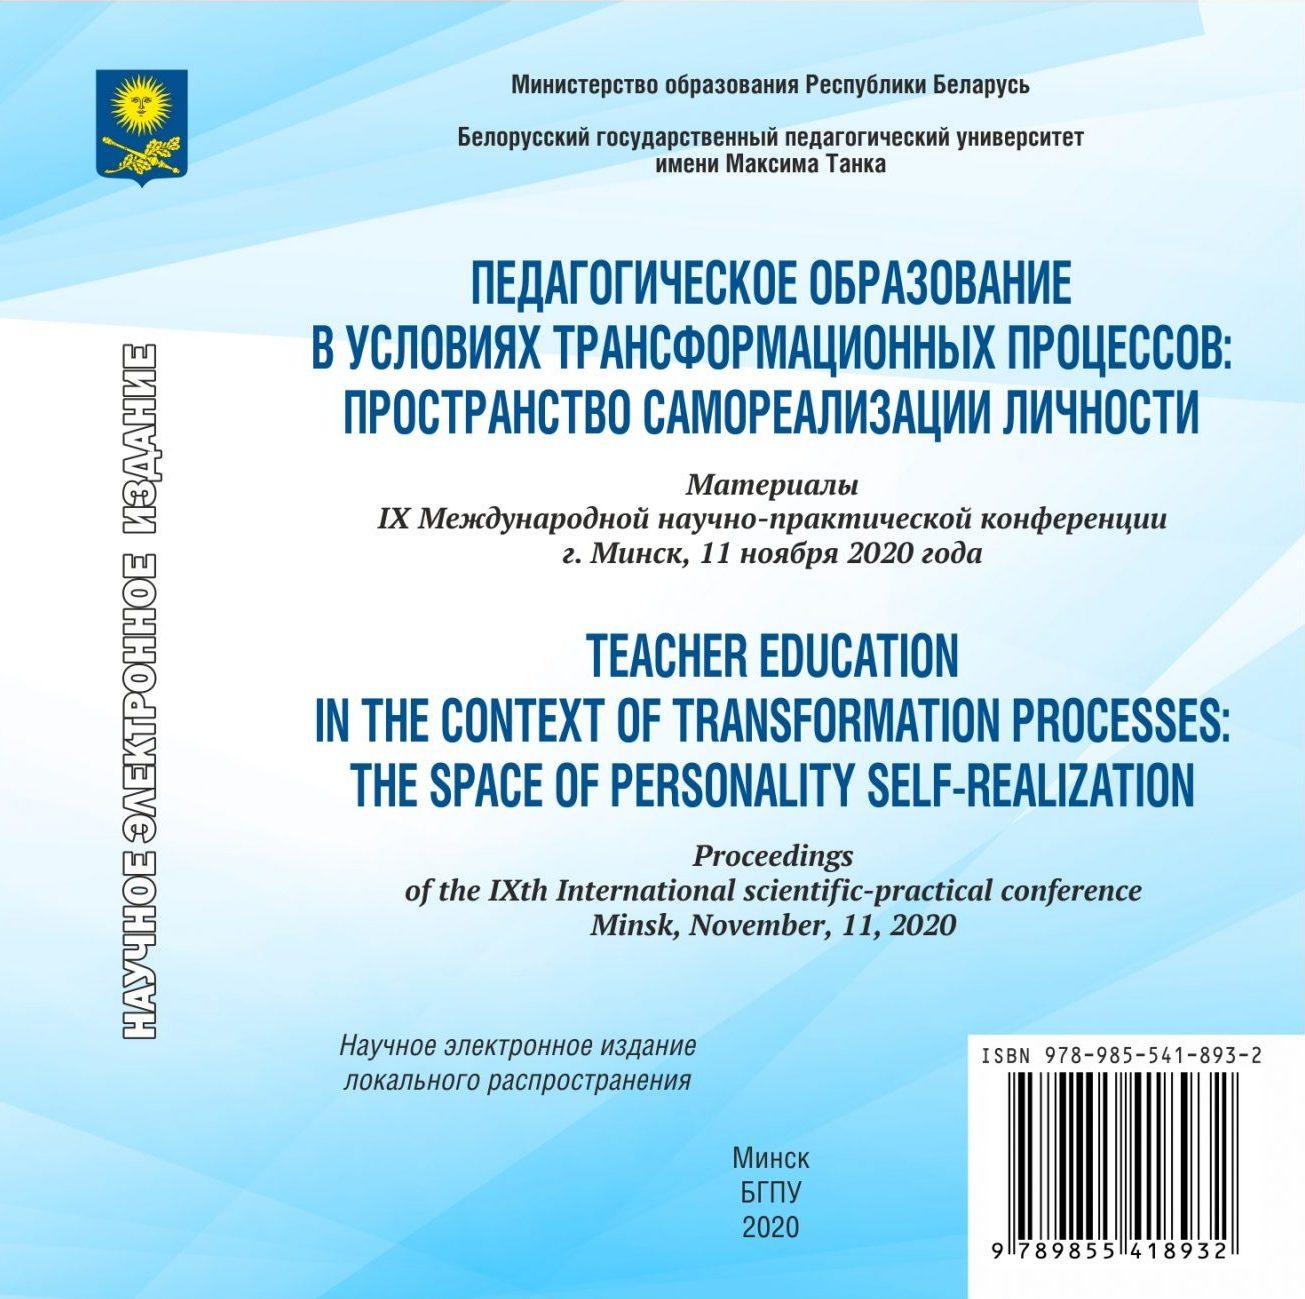 IX Международная научно-практическая онлайн-конференция «Педагогическое образование в условиях трансформационных процессов: пространство самореализации личности»